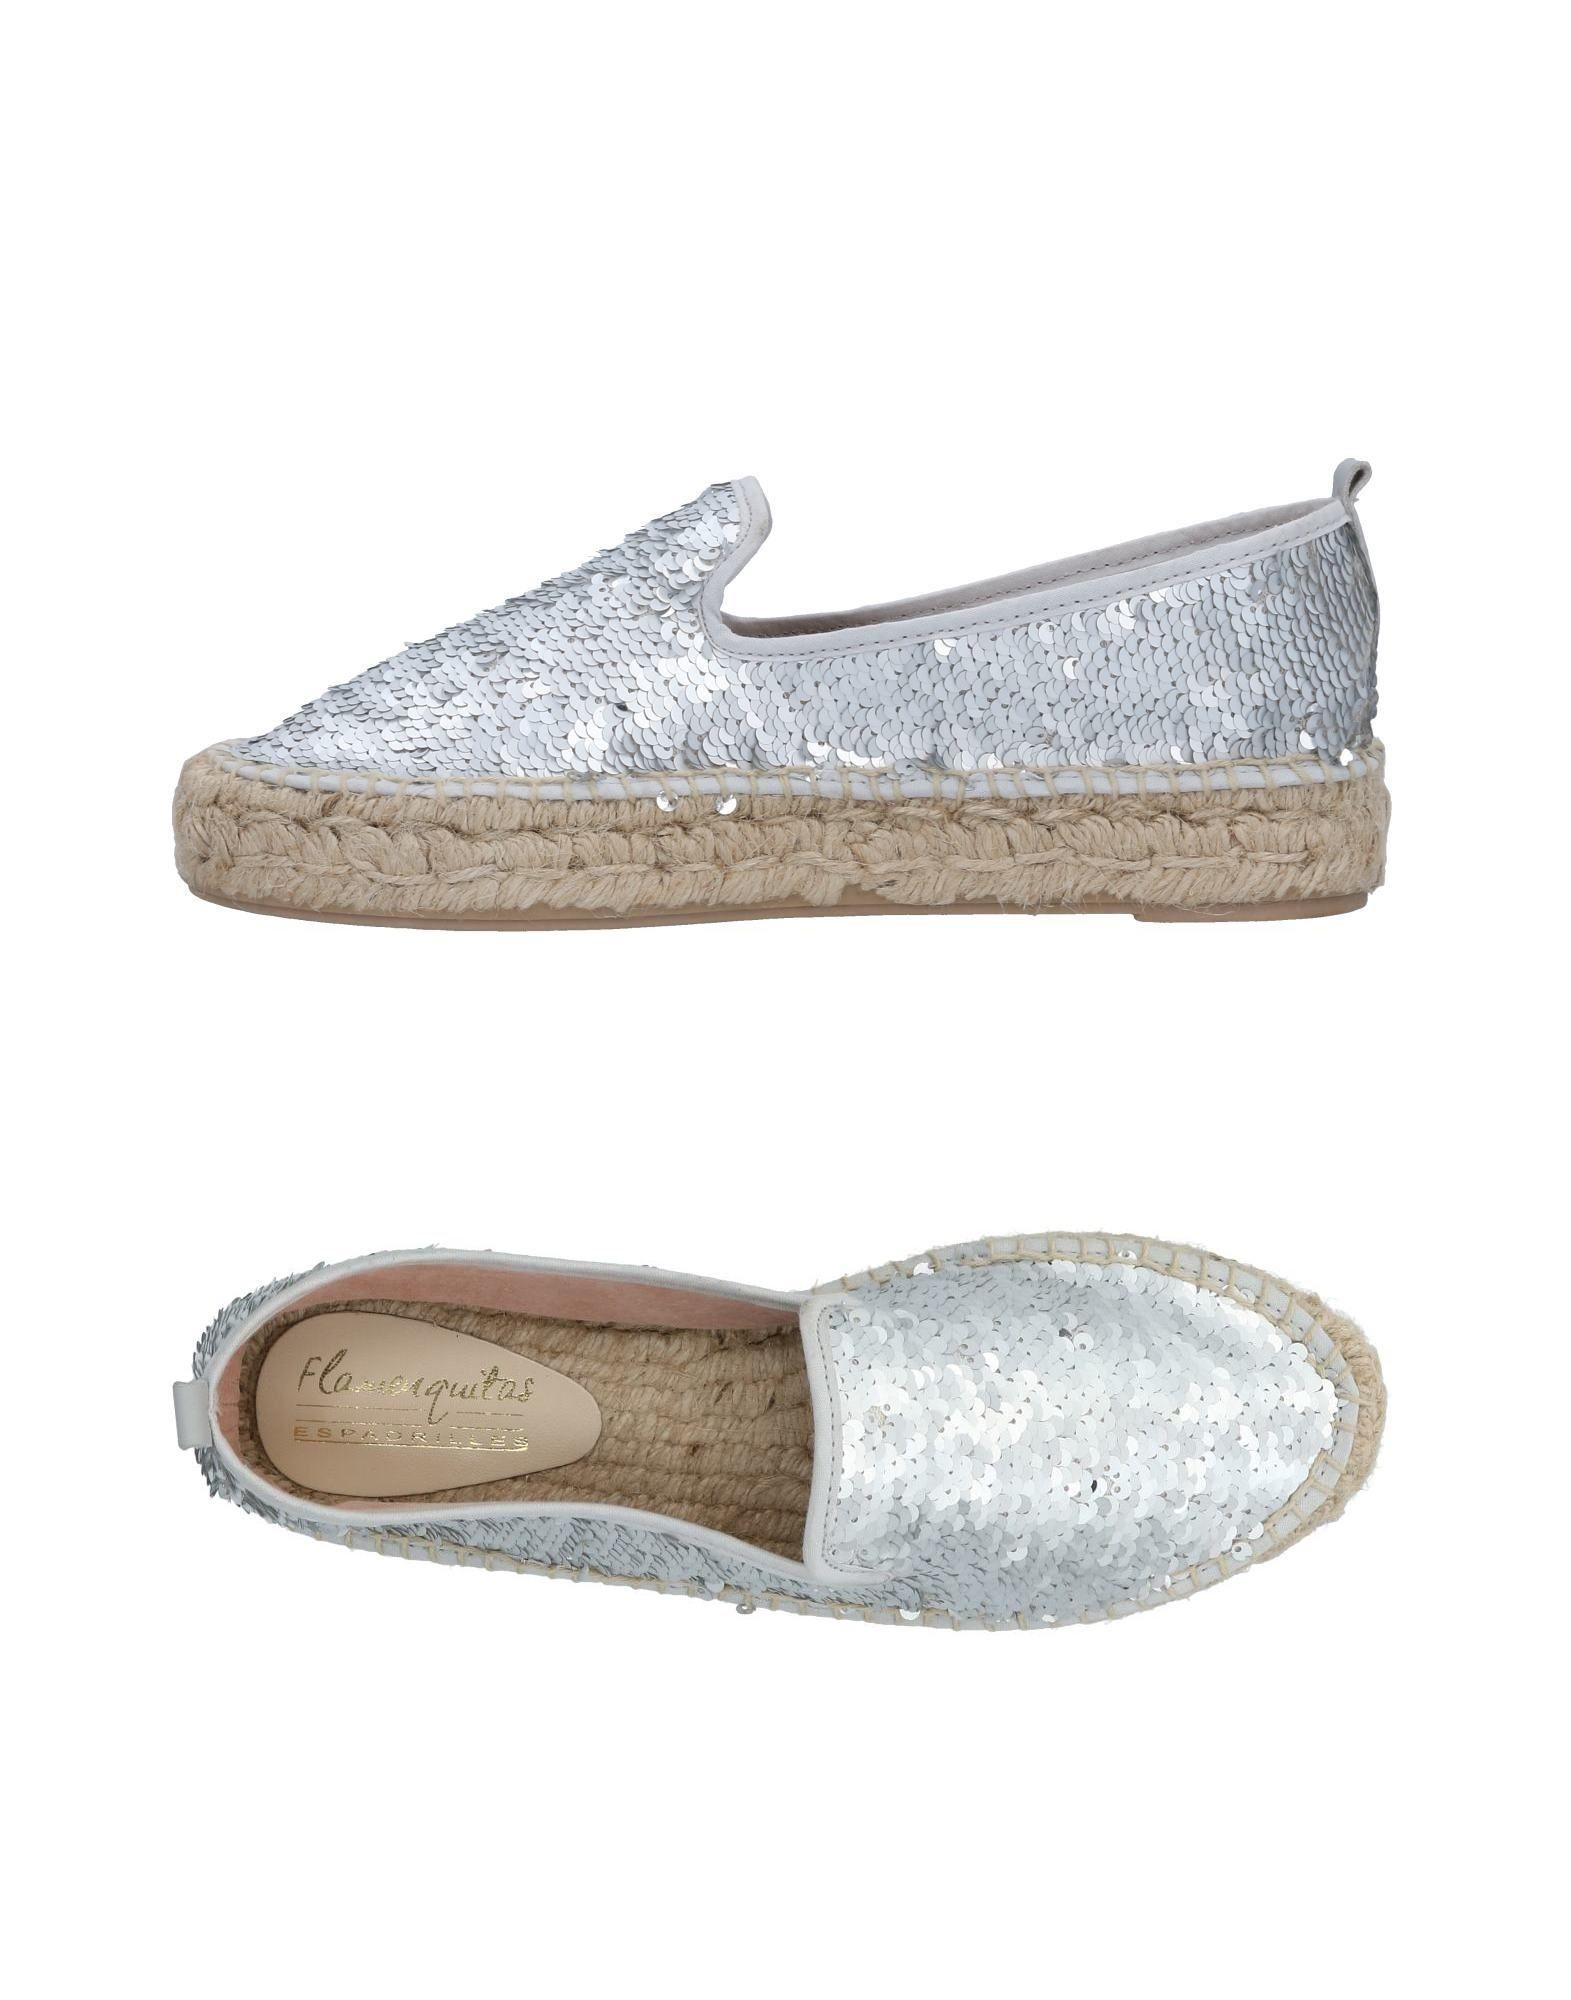 Flamenquitas Espadrilles Espadrilles Damen  11497181NQ Gute Qualität beliebte beliebte beliebte Schuhe 940a71